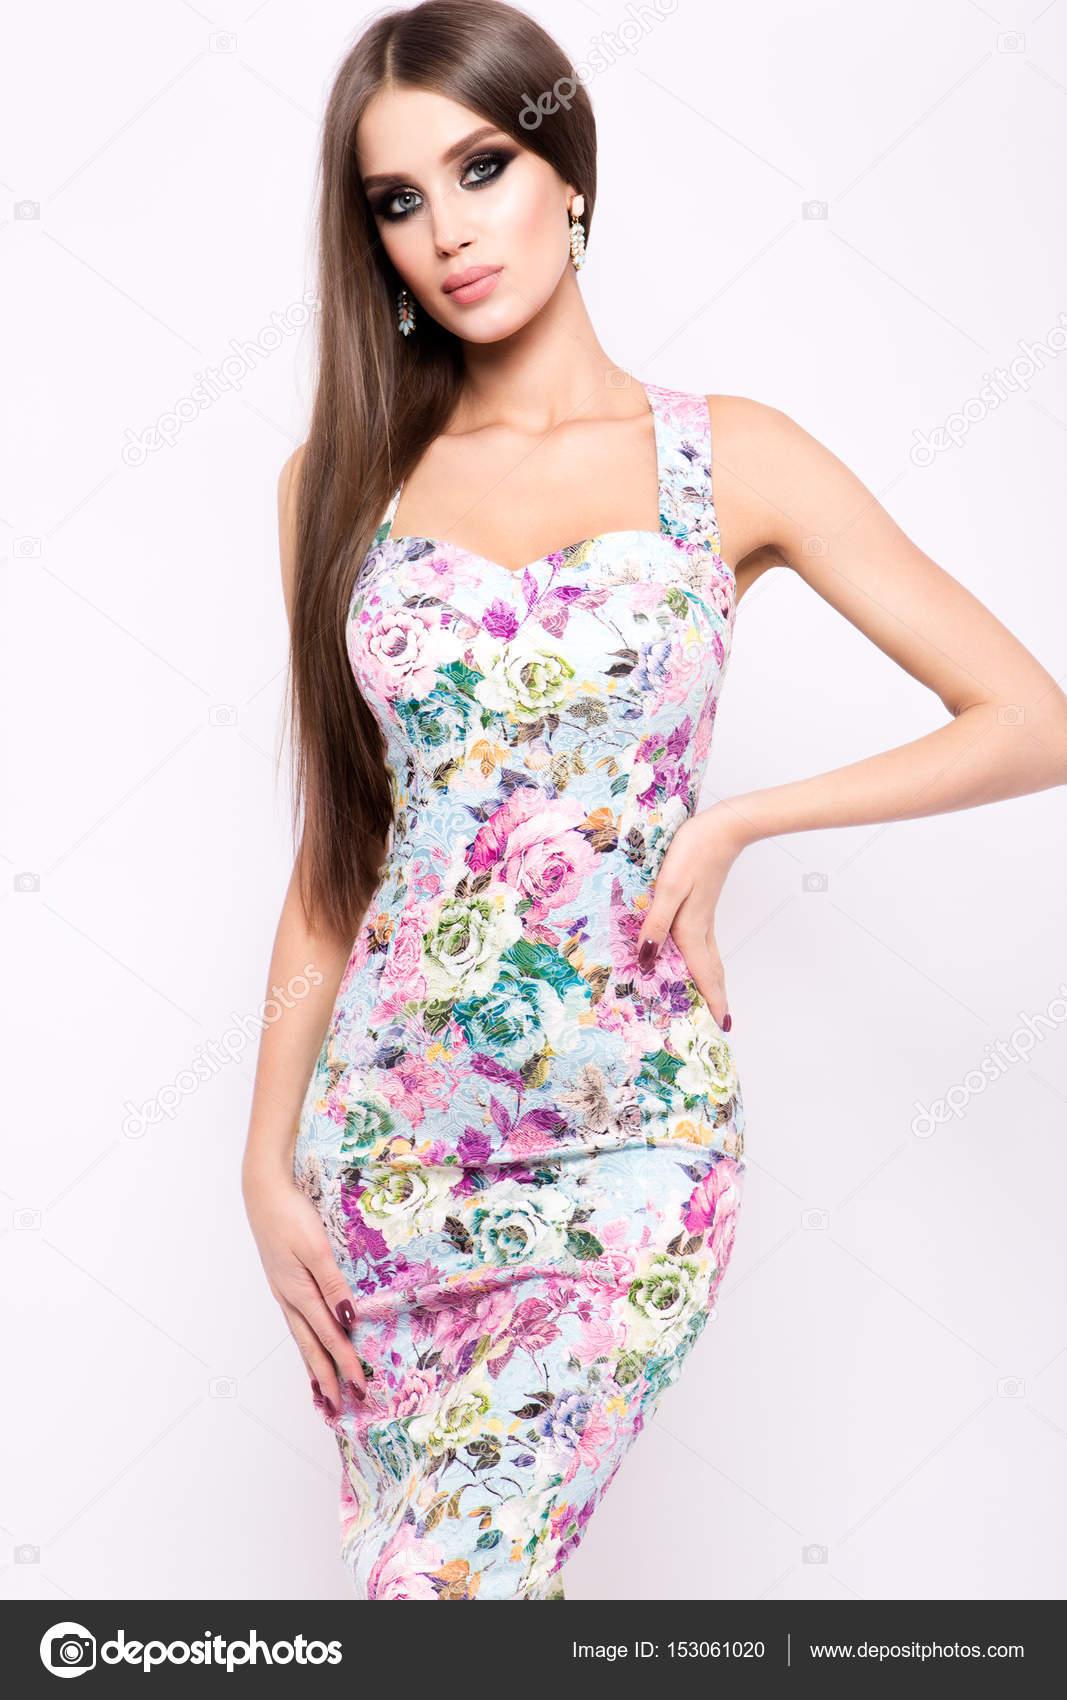 Vestidos de moda para mujeres jovenes